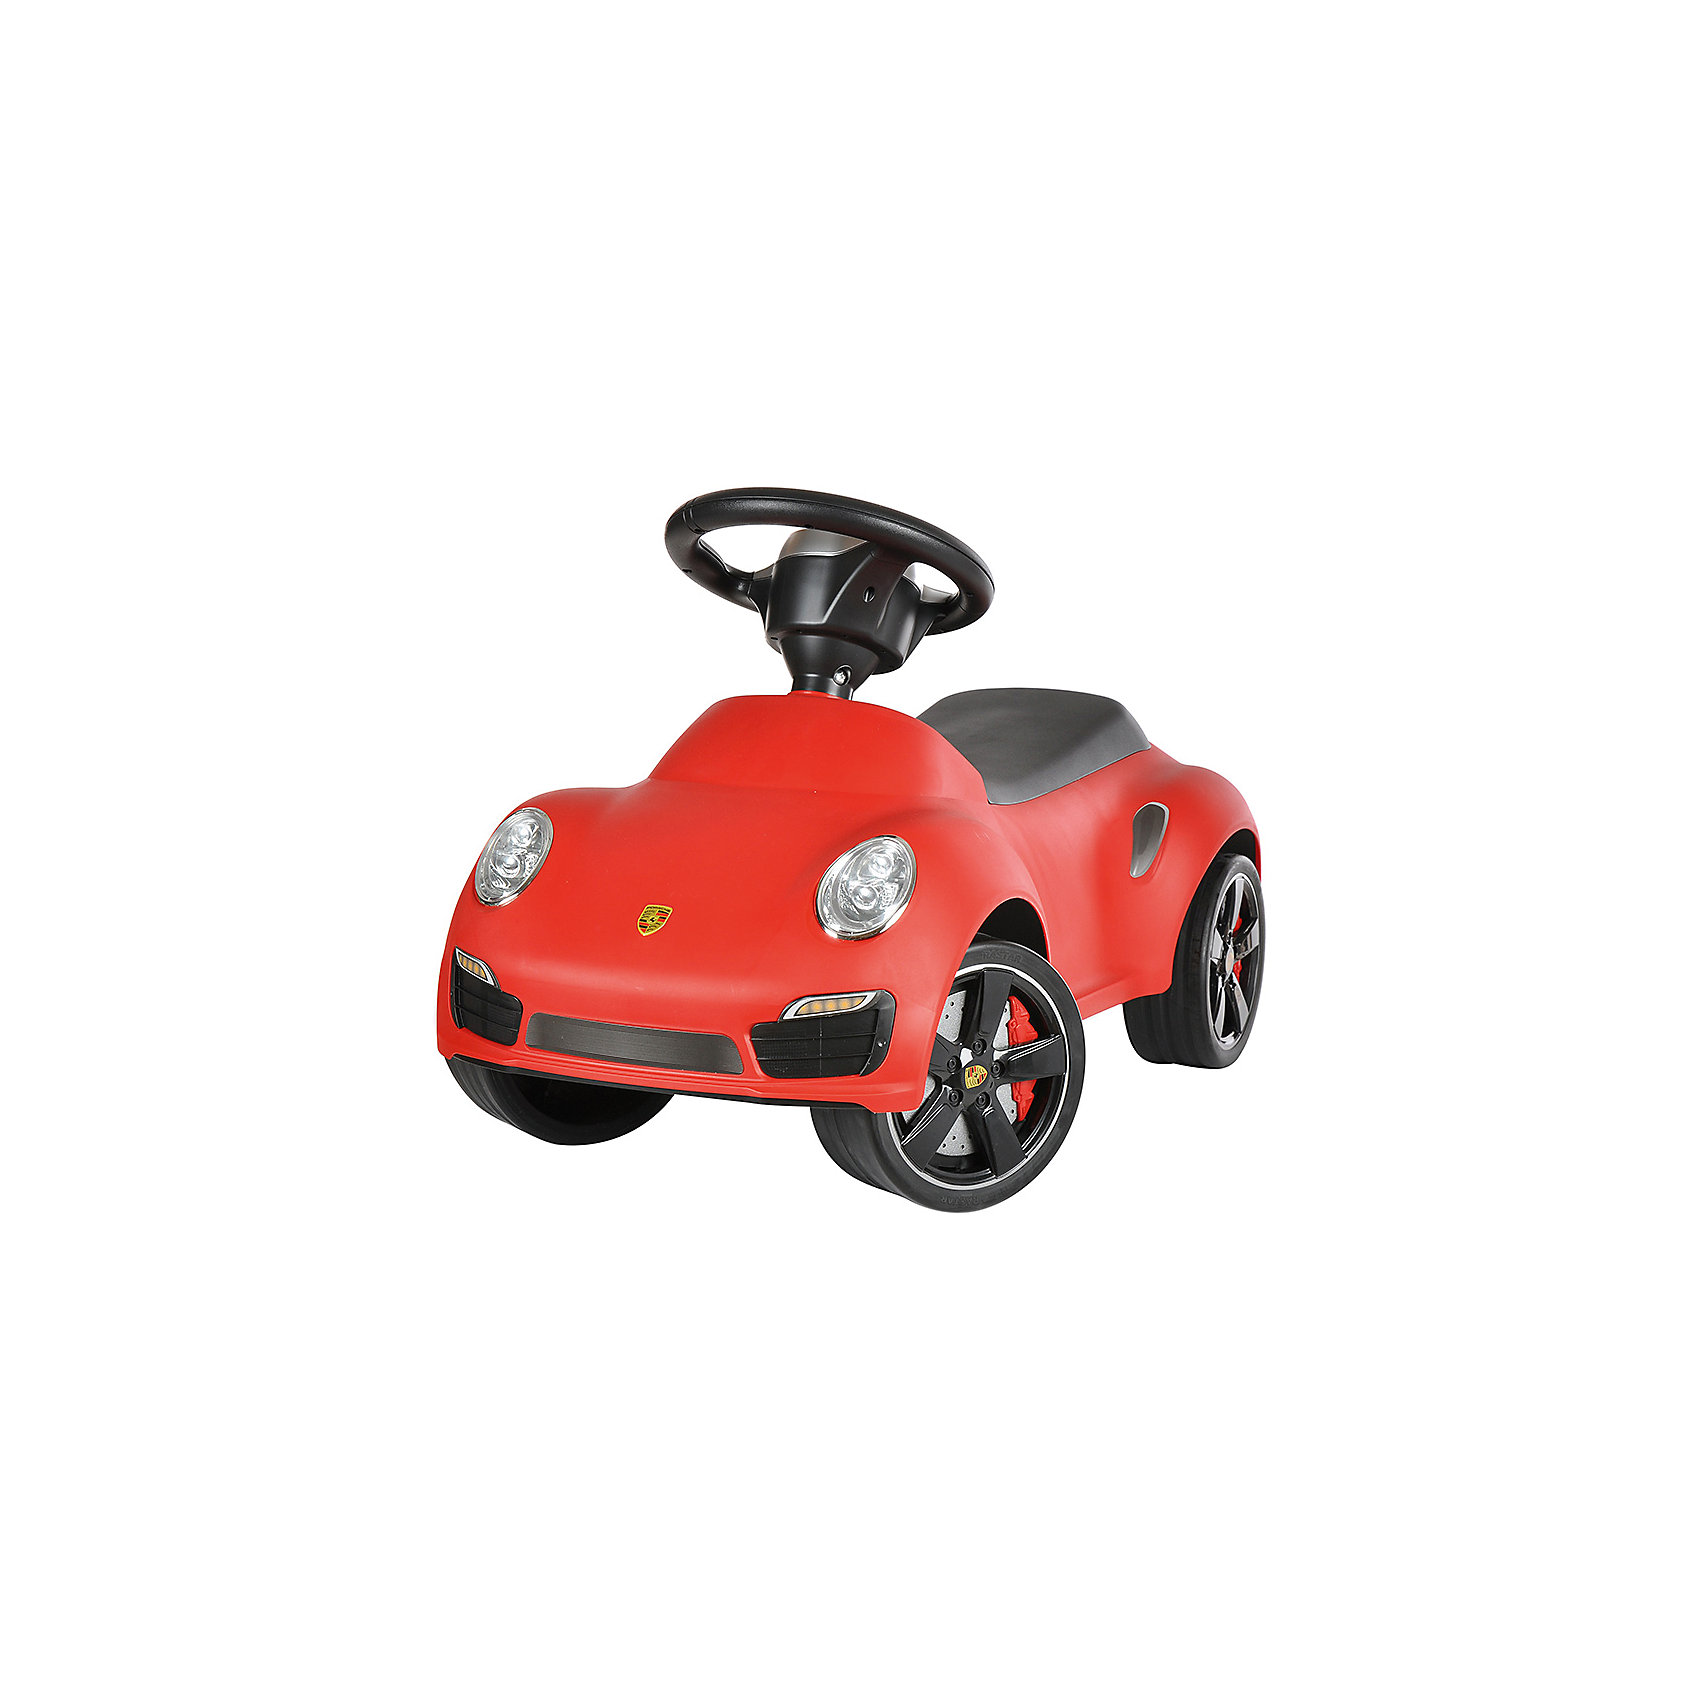 Каталка Porsche 911, красный, RASTARКаталка Porsche 911, красный, RASTAR - осчастливьте своего ребенка безопасной детской машиной.<br>Благодаря тому, что каталка имеет устойчивую конструкцию и колеса с поворотом на 90 градусов, она полностью безопасна для ребенка, даже если он любит быструю езду.  На руле есть кнопка для звукового сигнала. Ход машины очень плавный, может ездить вперед и назад. Есть вместительный багажник для игрушек или вещей, под сиденьем. Машина сделана под марку «Porsche».<br><br>Дополнительная информация:<br><br>- размер: 65 ? 35 ? 30 см<br>- вес: 2,7 кг<br>- возраст: от 1 до 3 лет<br>- максимальный вес: до 30 кг<br>- цвет: красный<br><br>Каталку Porsche 911, красный, RASTAR можно купить в нашем интернет магазине.<br><br>Ширина мм: 650<br>Глубина мм: 350<br>Высота мм: 300<br>Вес г: 3800<br>Возраст от месяцев: 12<br>Возраст до месяцев: 36<br>Пол: Унисекс<br>Возраст: Детский<br>SKU: 4995164